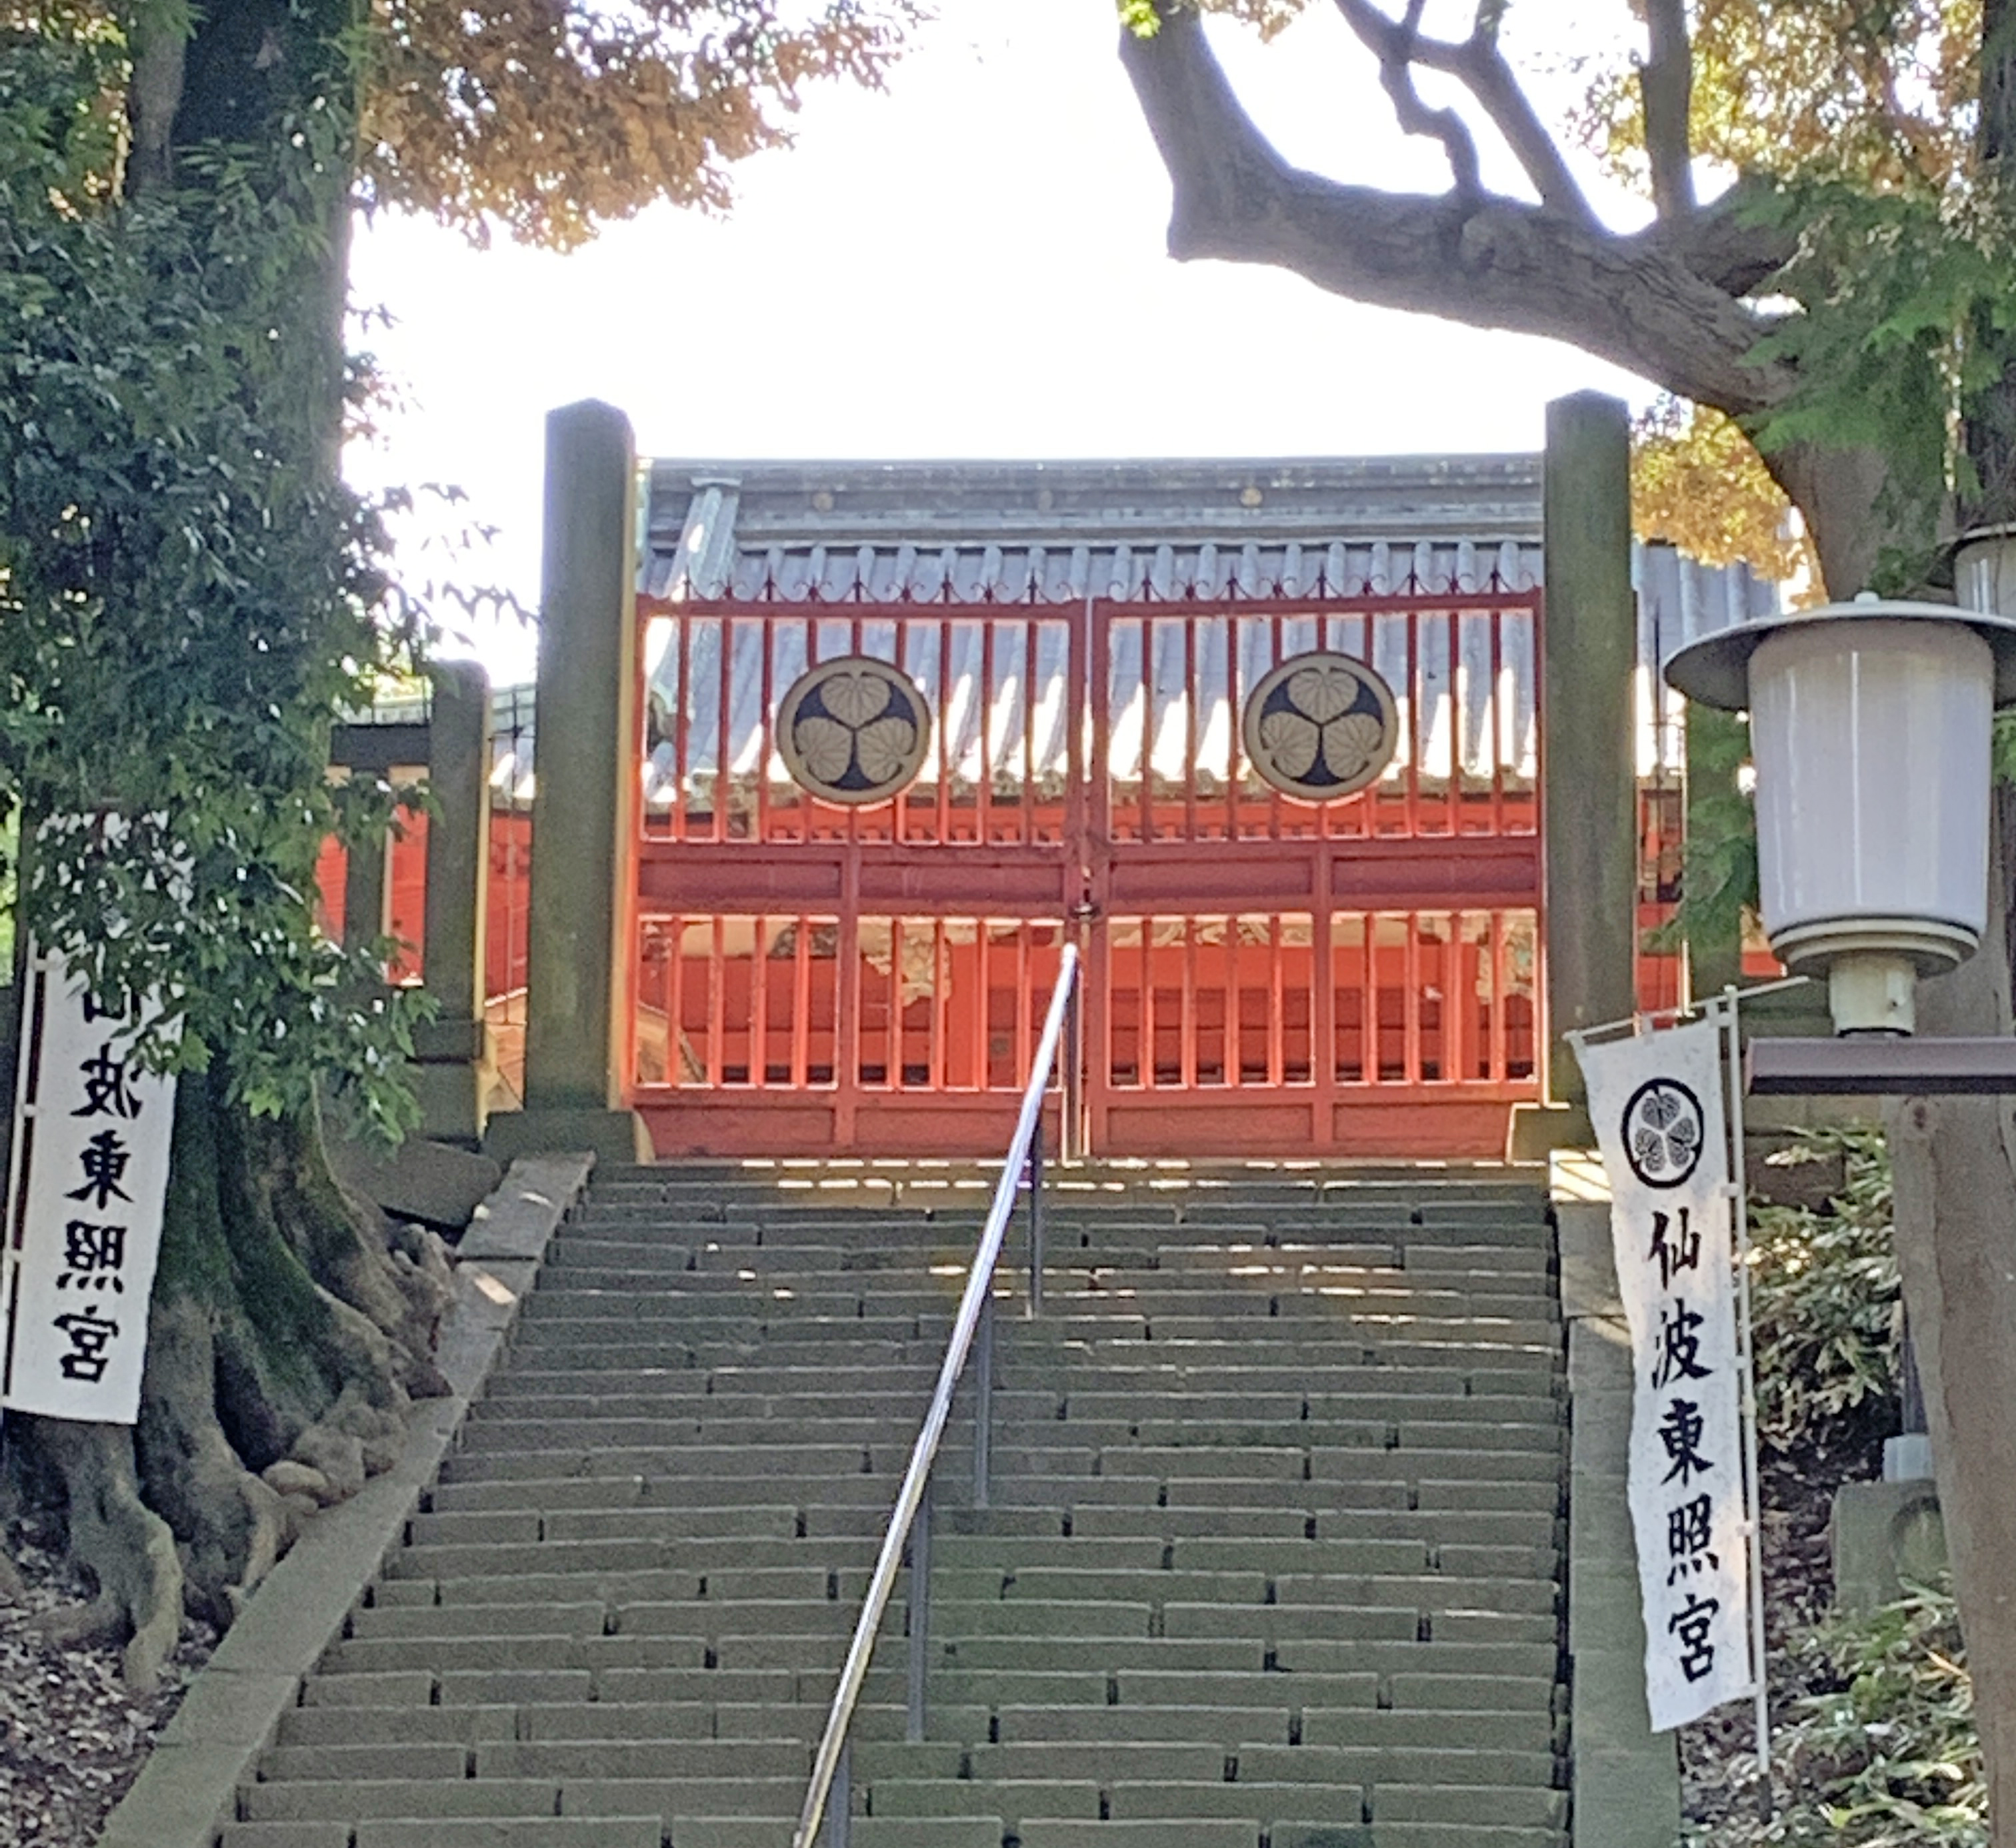 仙波東照宮に続く石段